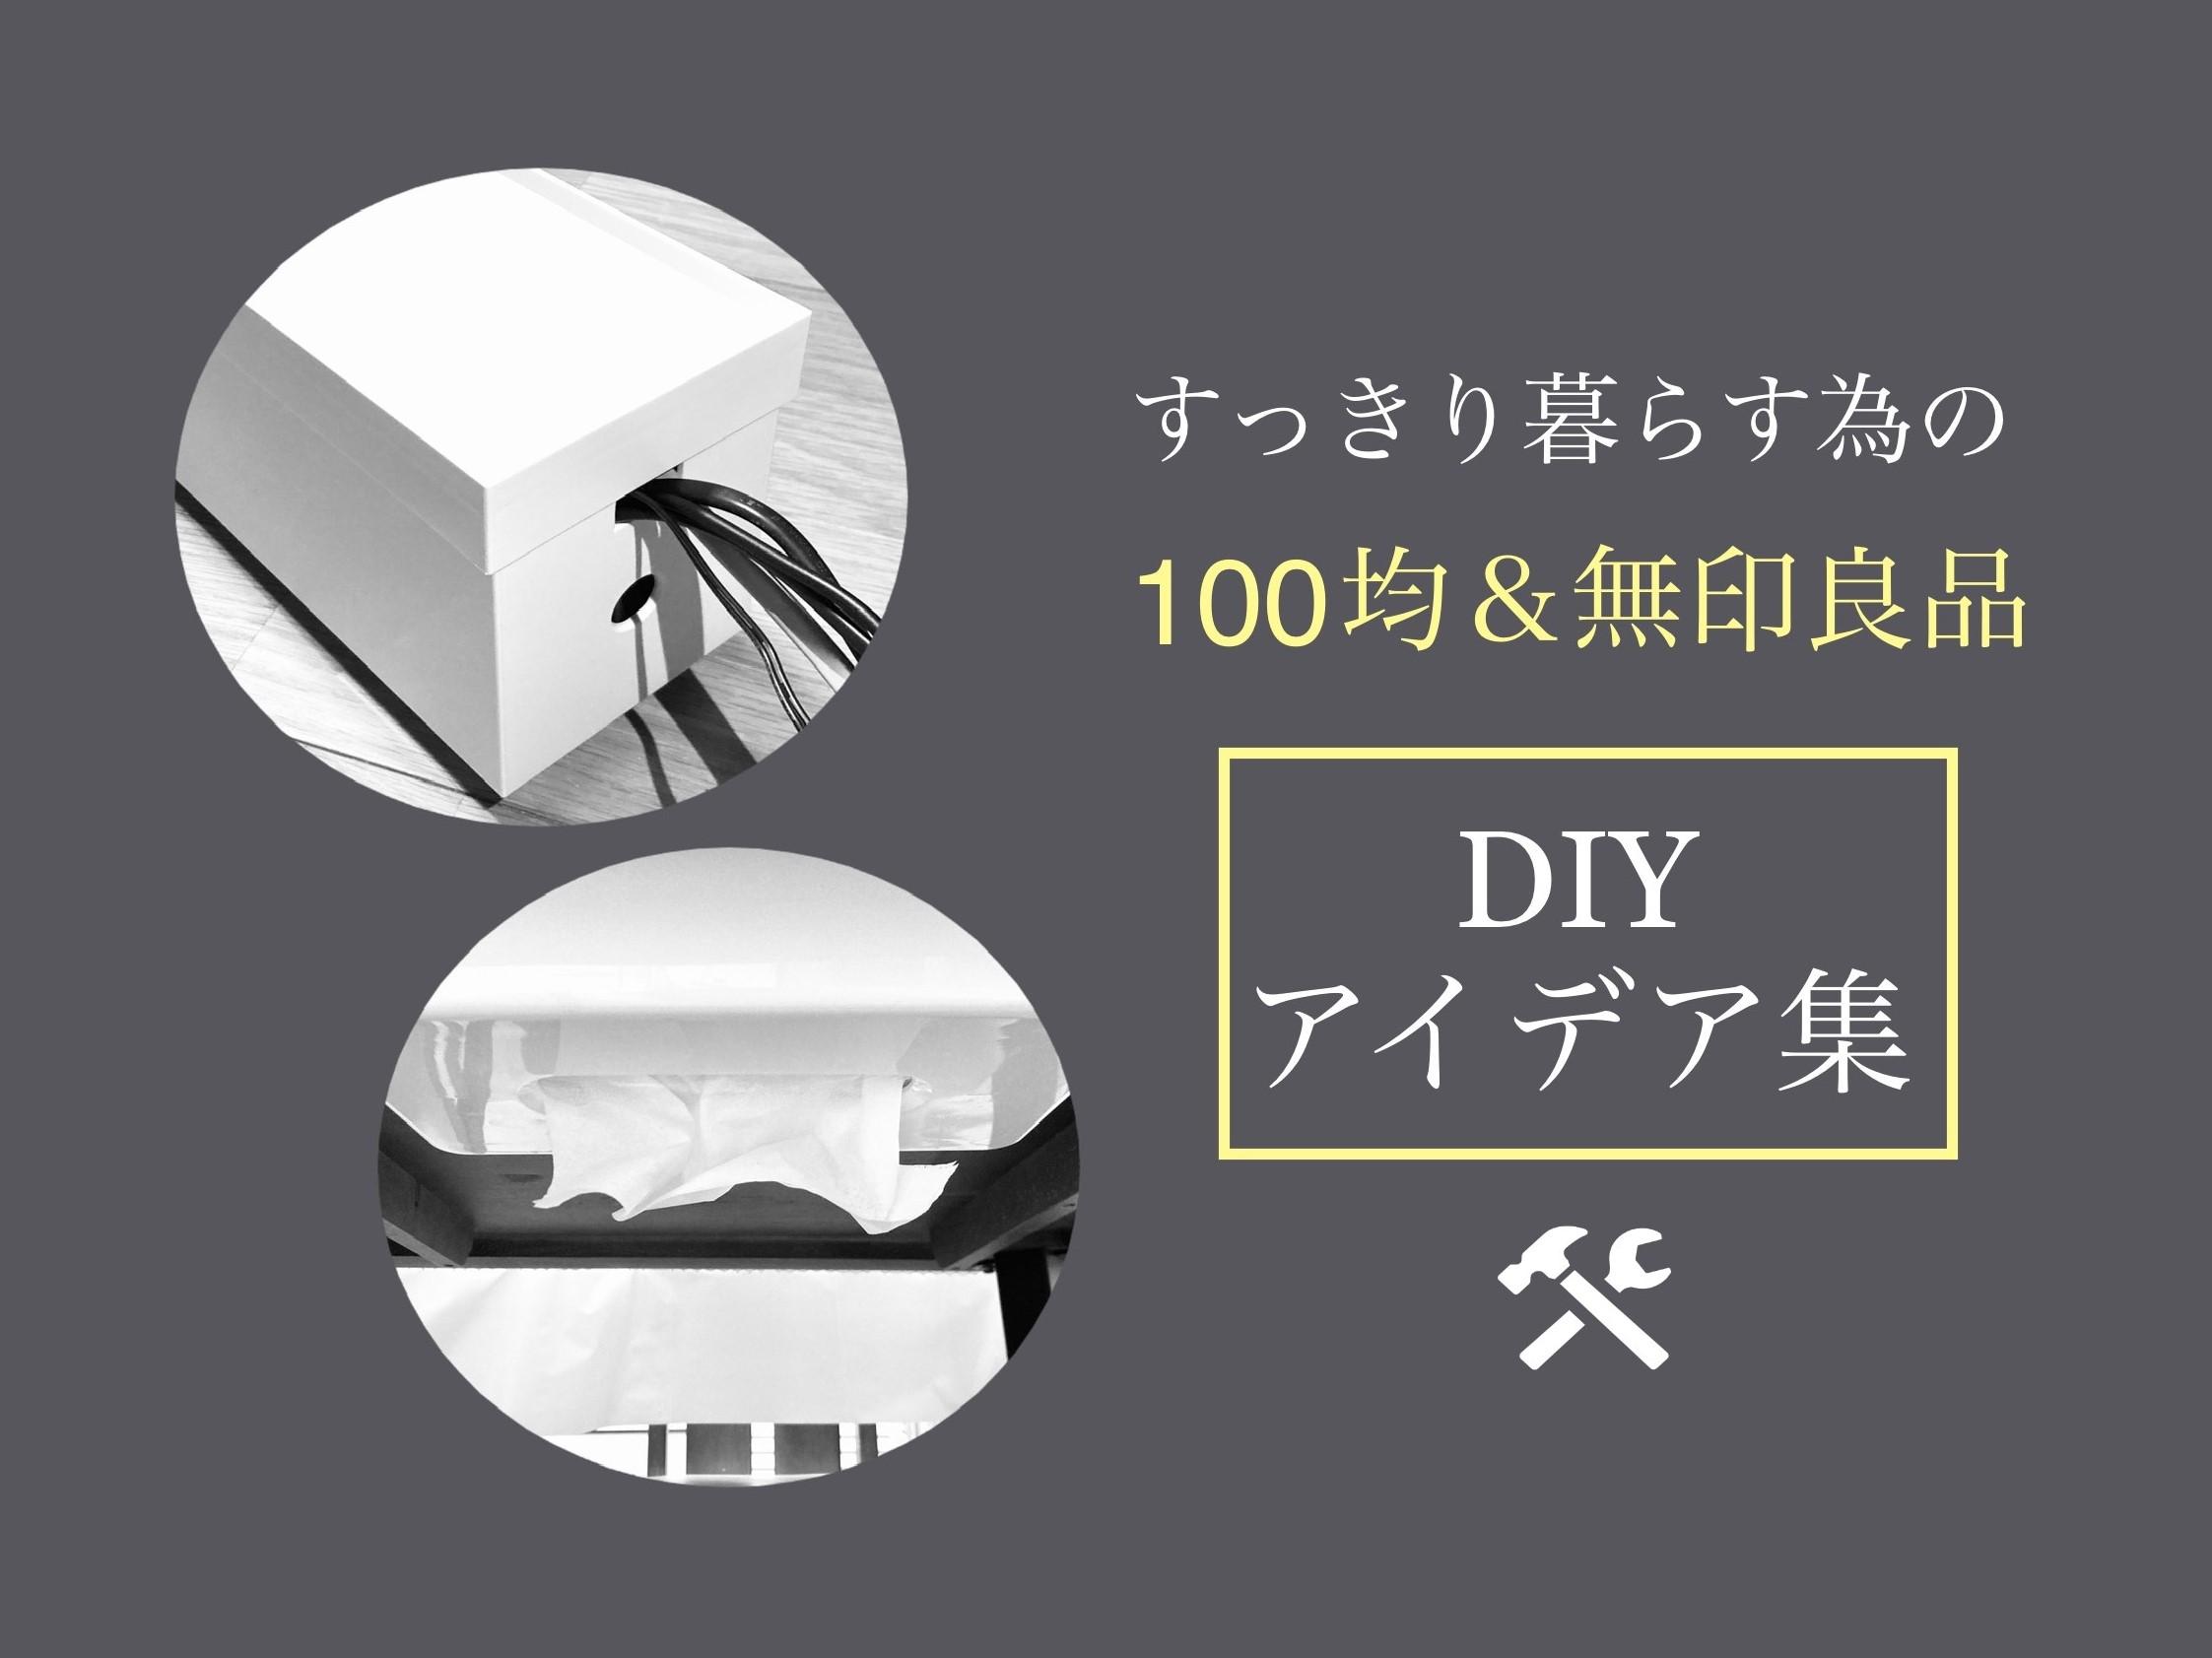 100均 無印良品 DIY